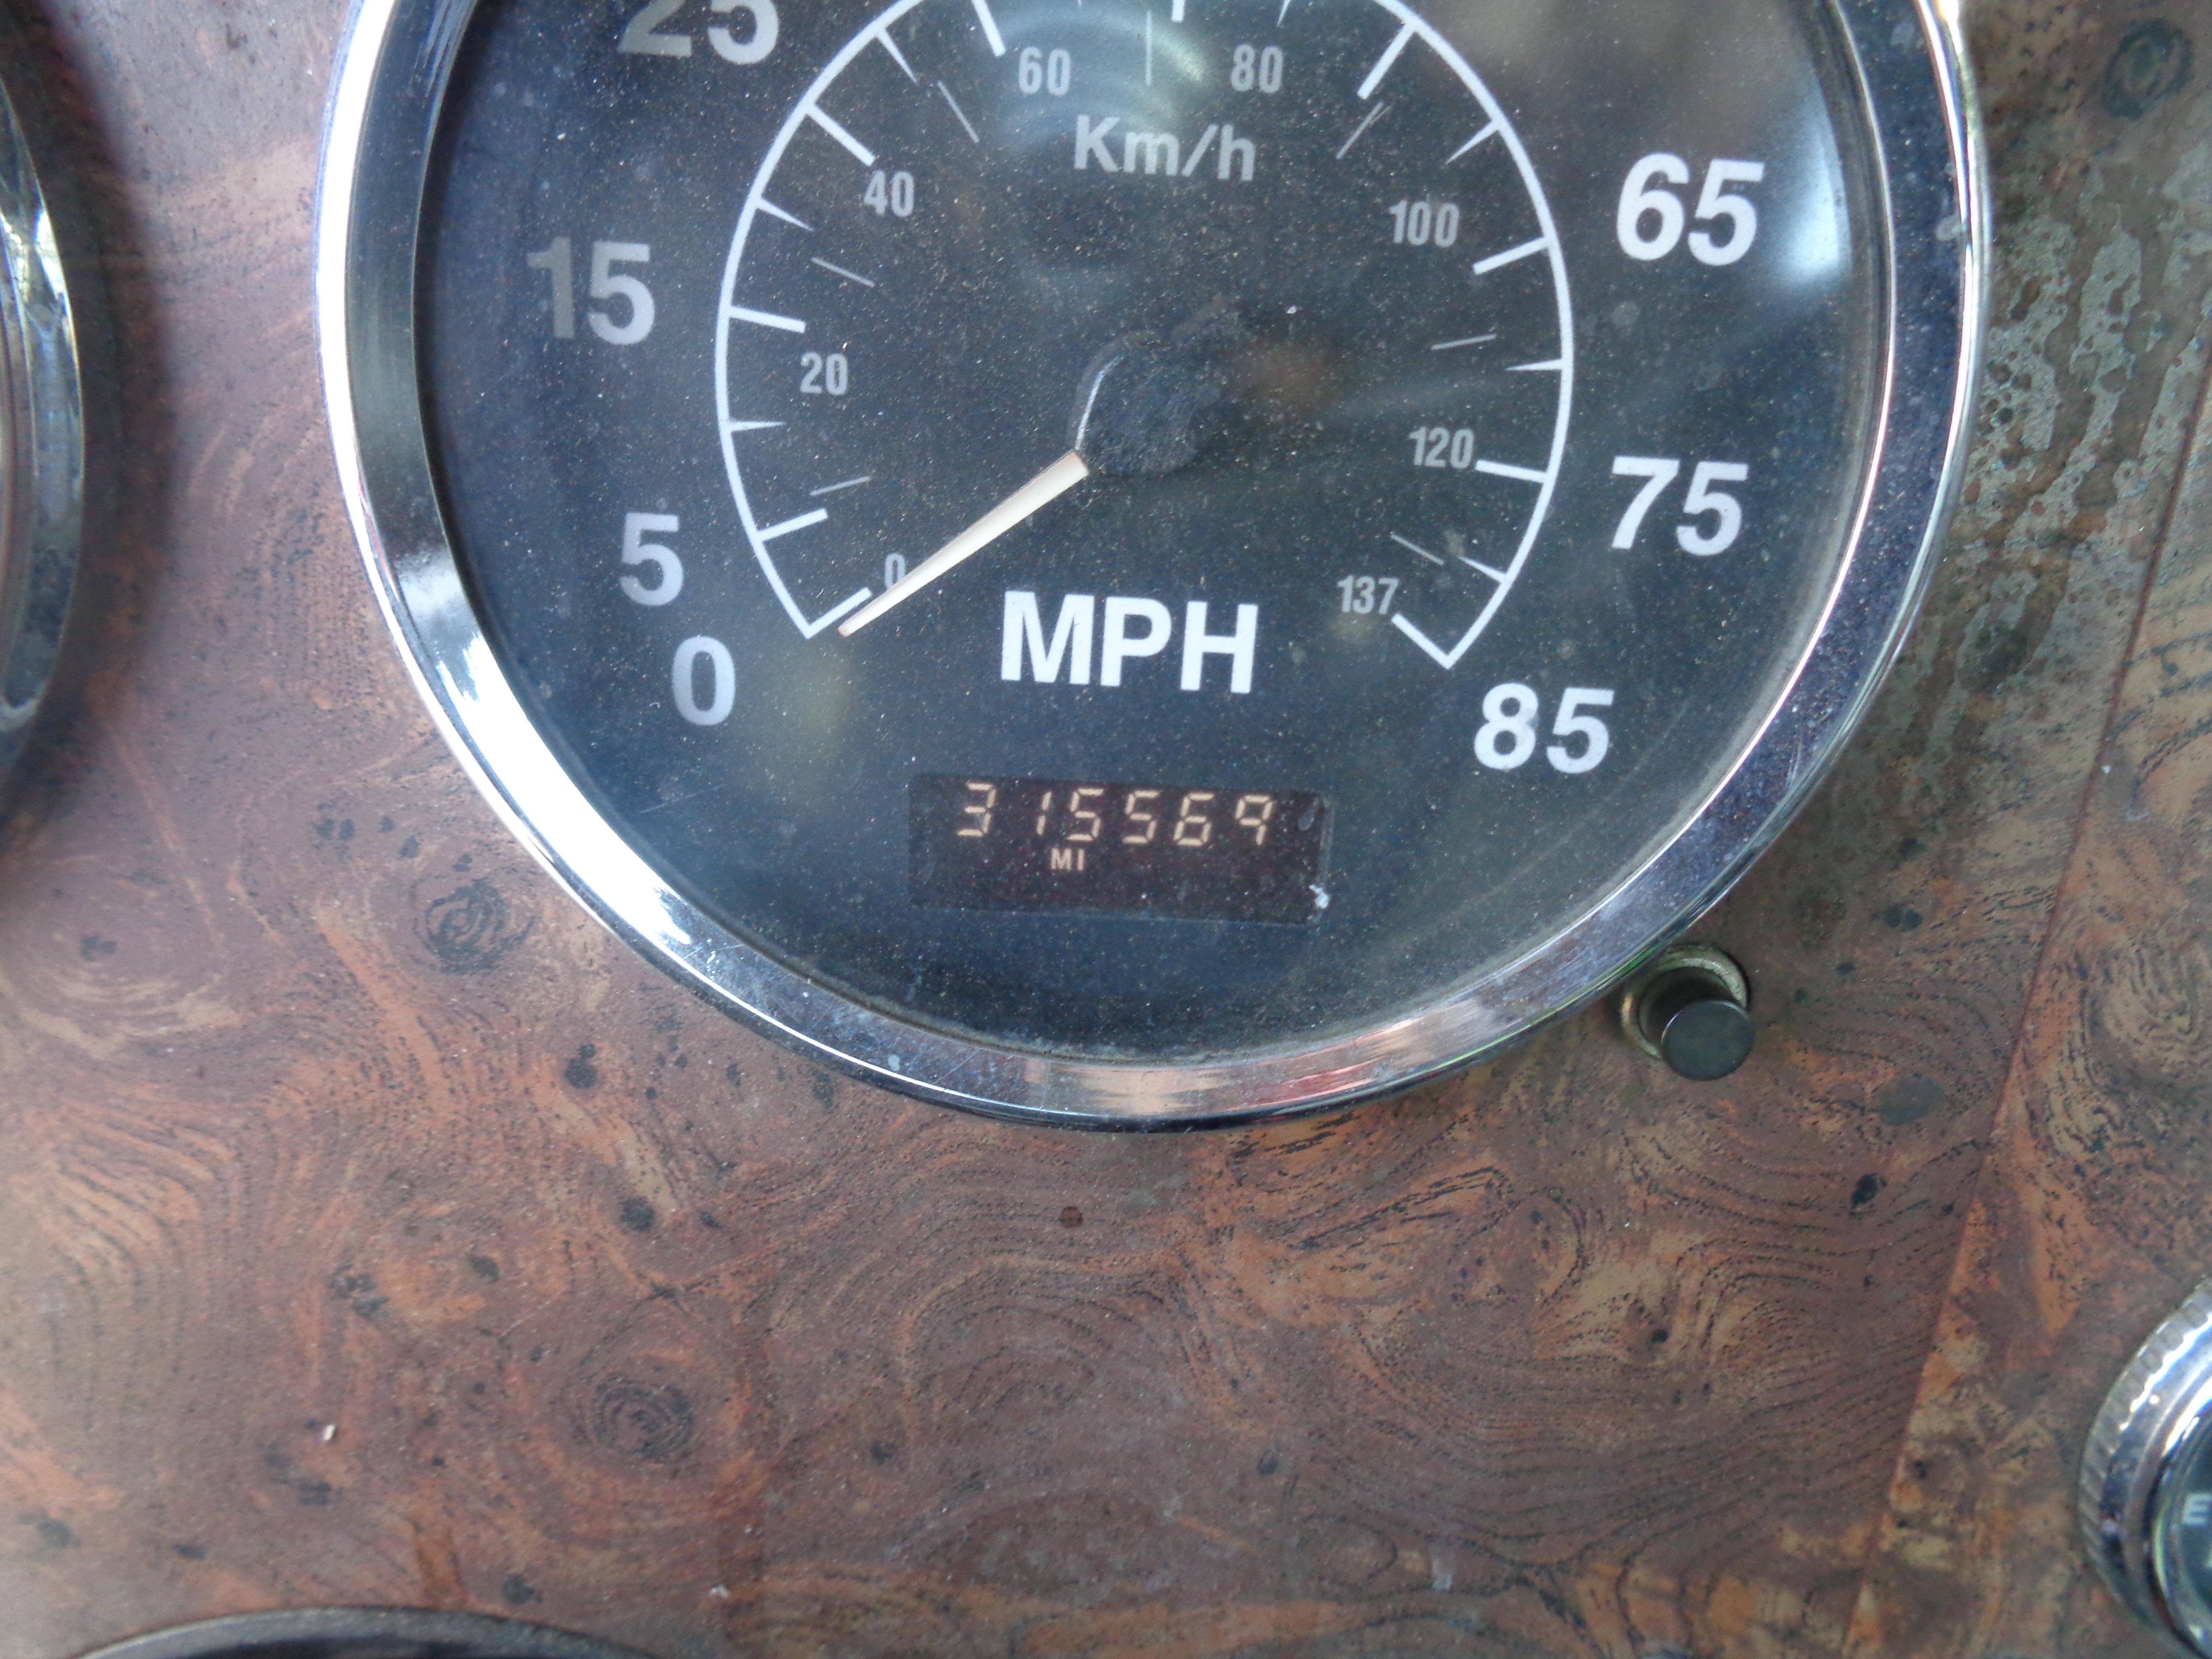 1999 International 9300 Diesel Tandem - Image 6 of 7